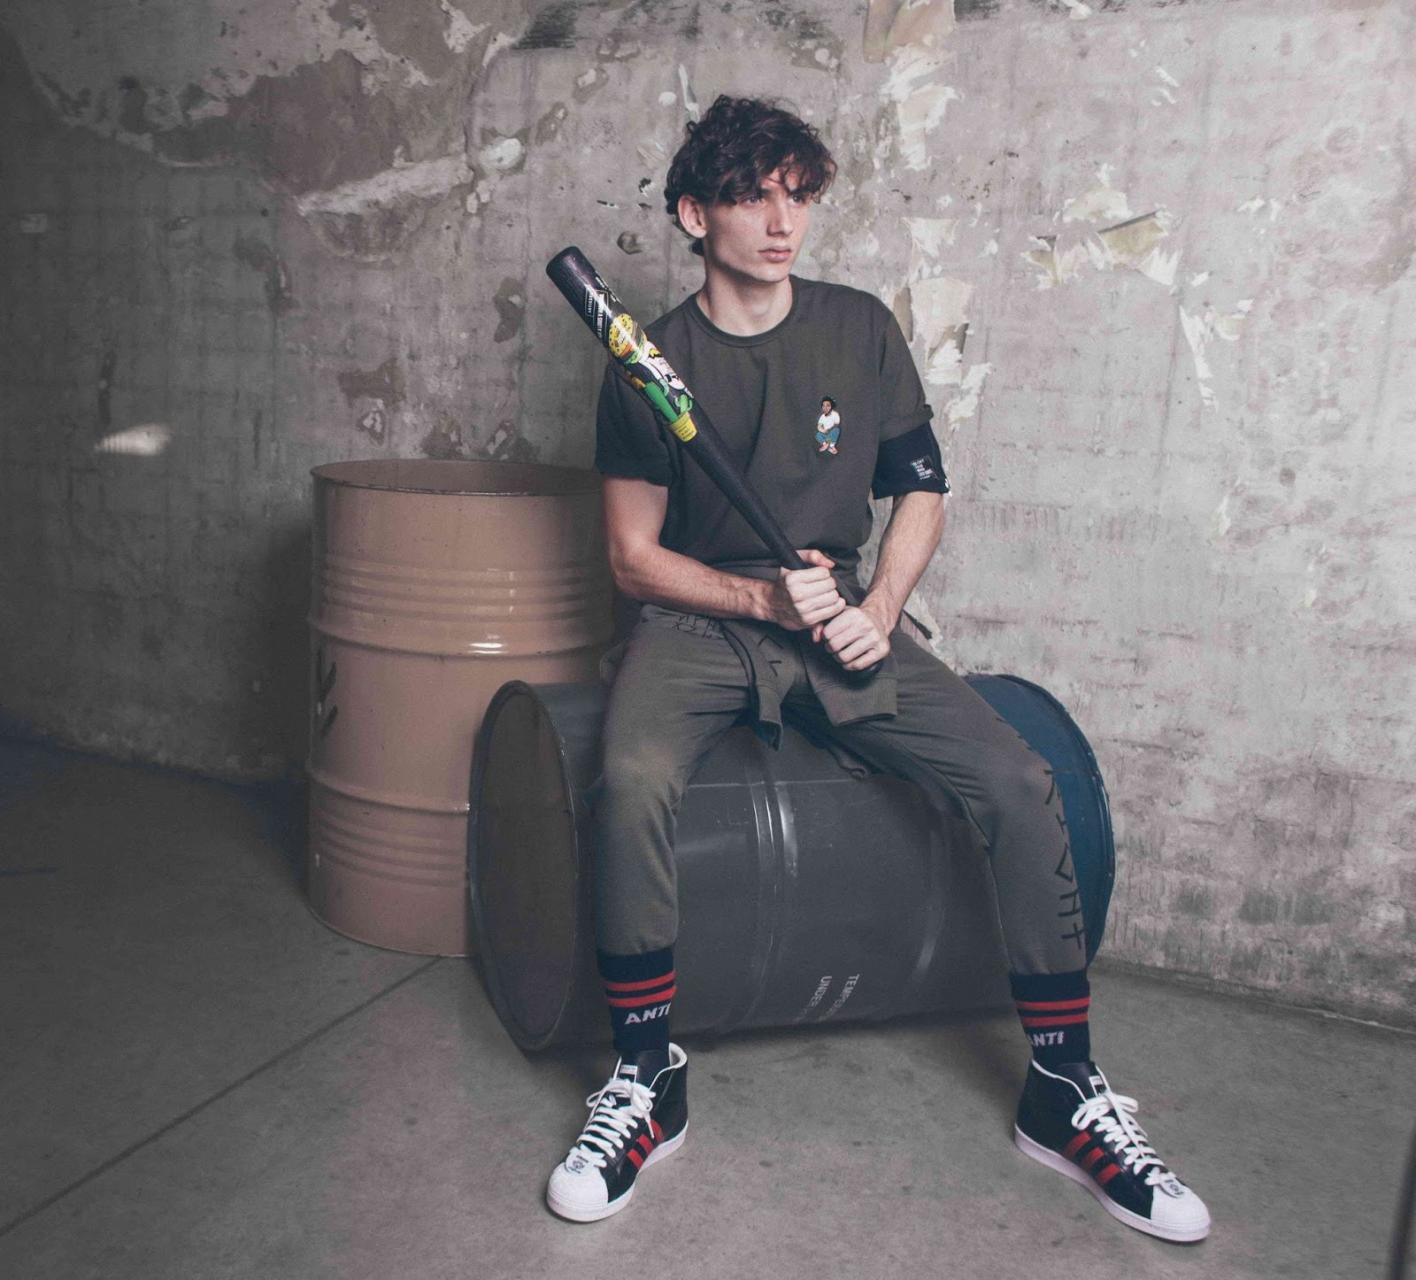 nephew zhi streetwear brasil 04 - Nephew colabora com famoso ilustrador Zhi